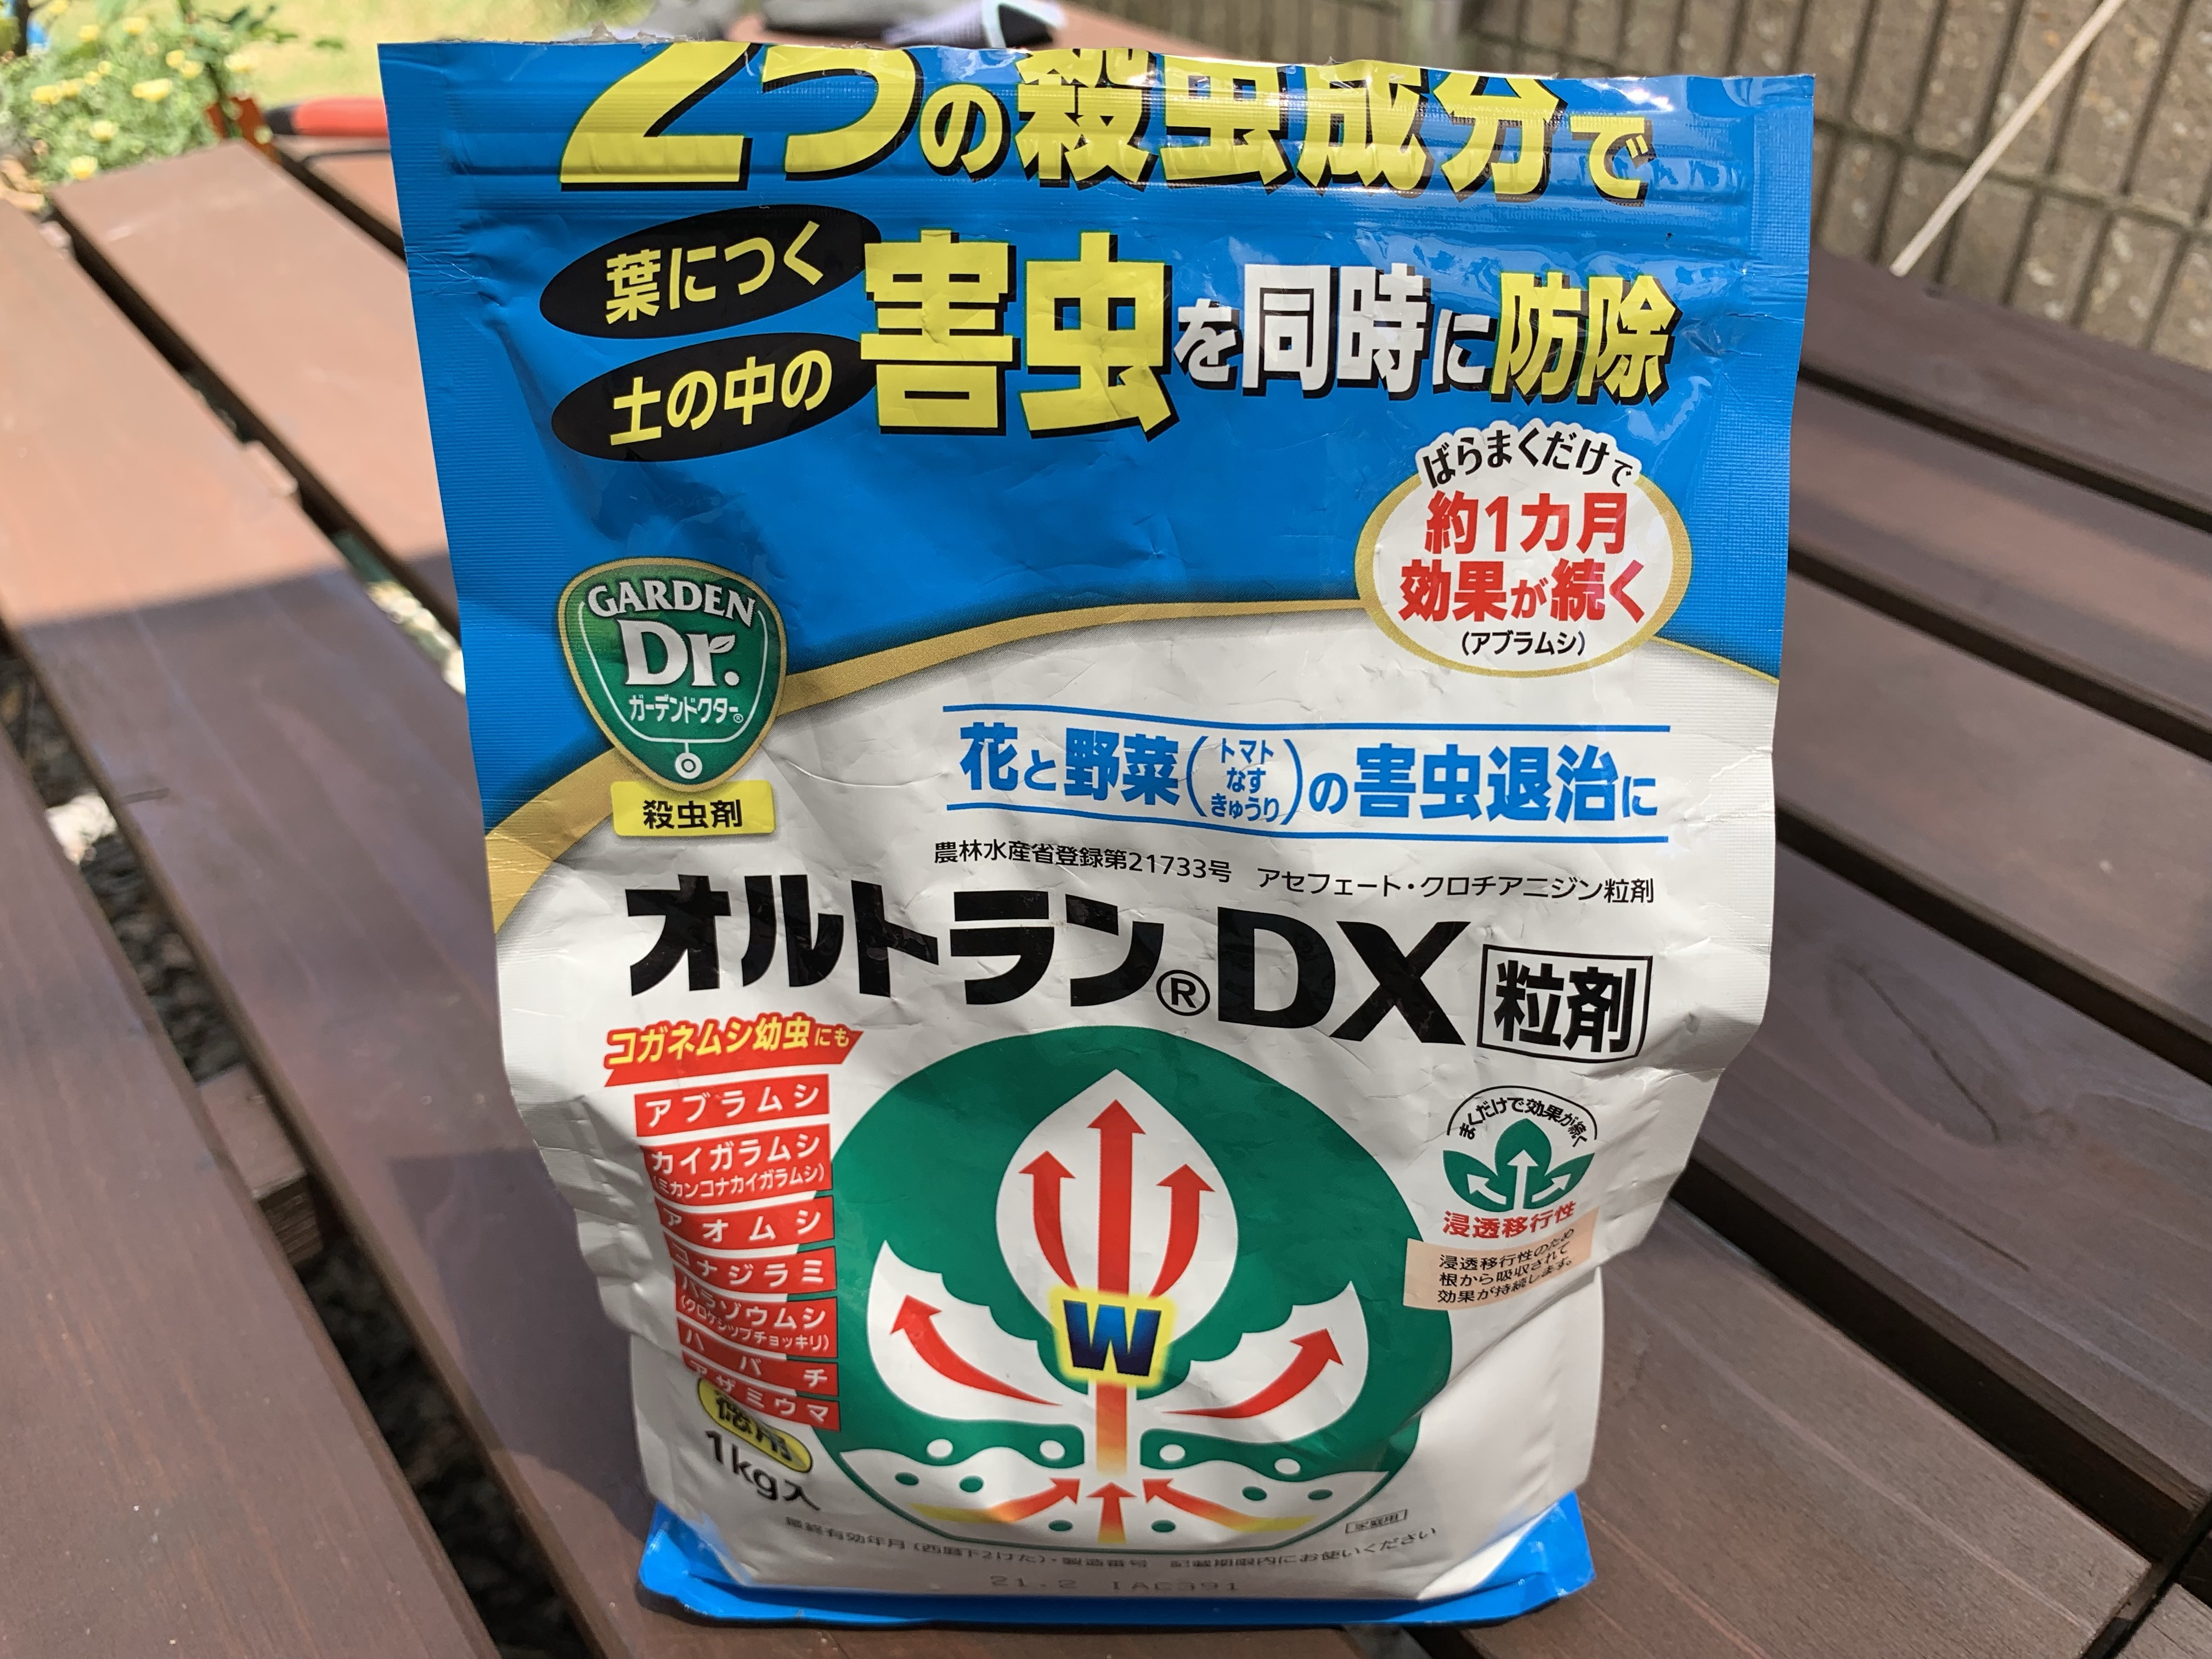 オルトランDXってどんな農薬?使い方や効果の持続期間などをご紹介!